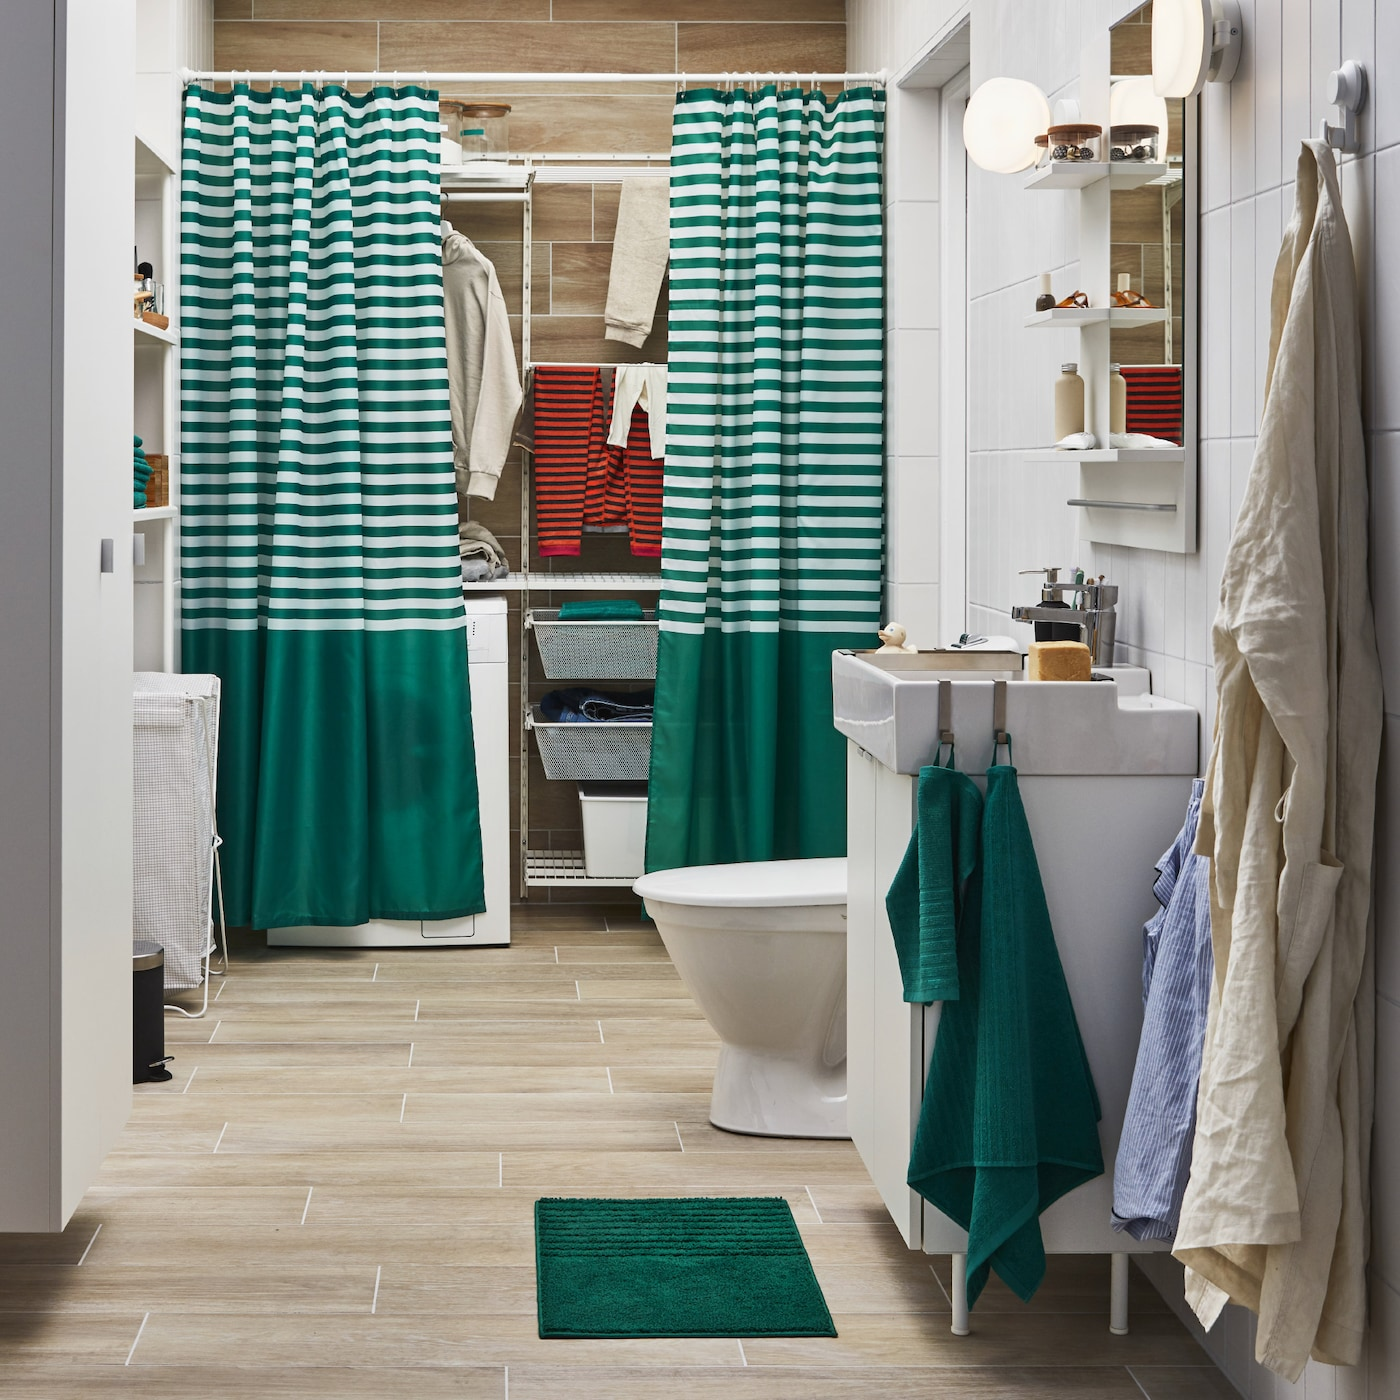 Łazienka z wydzieloną pralnią częściowo ukrytą za zasłonami prysznicowymi w paski, białą umywalką i zielonymi ręcznikami.